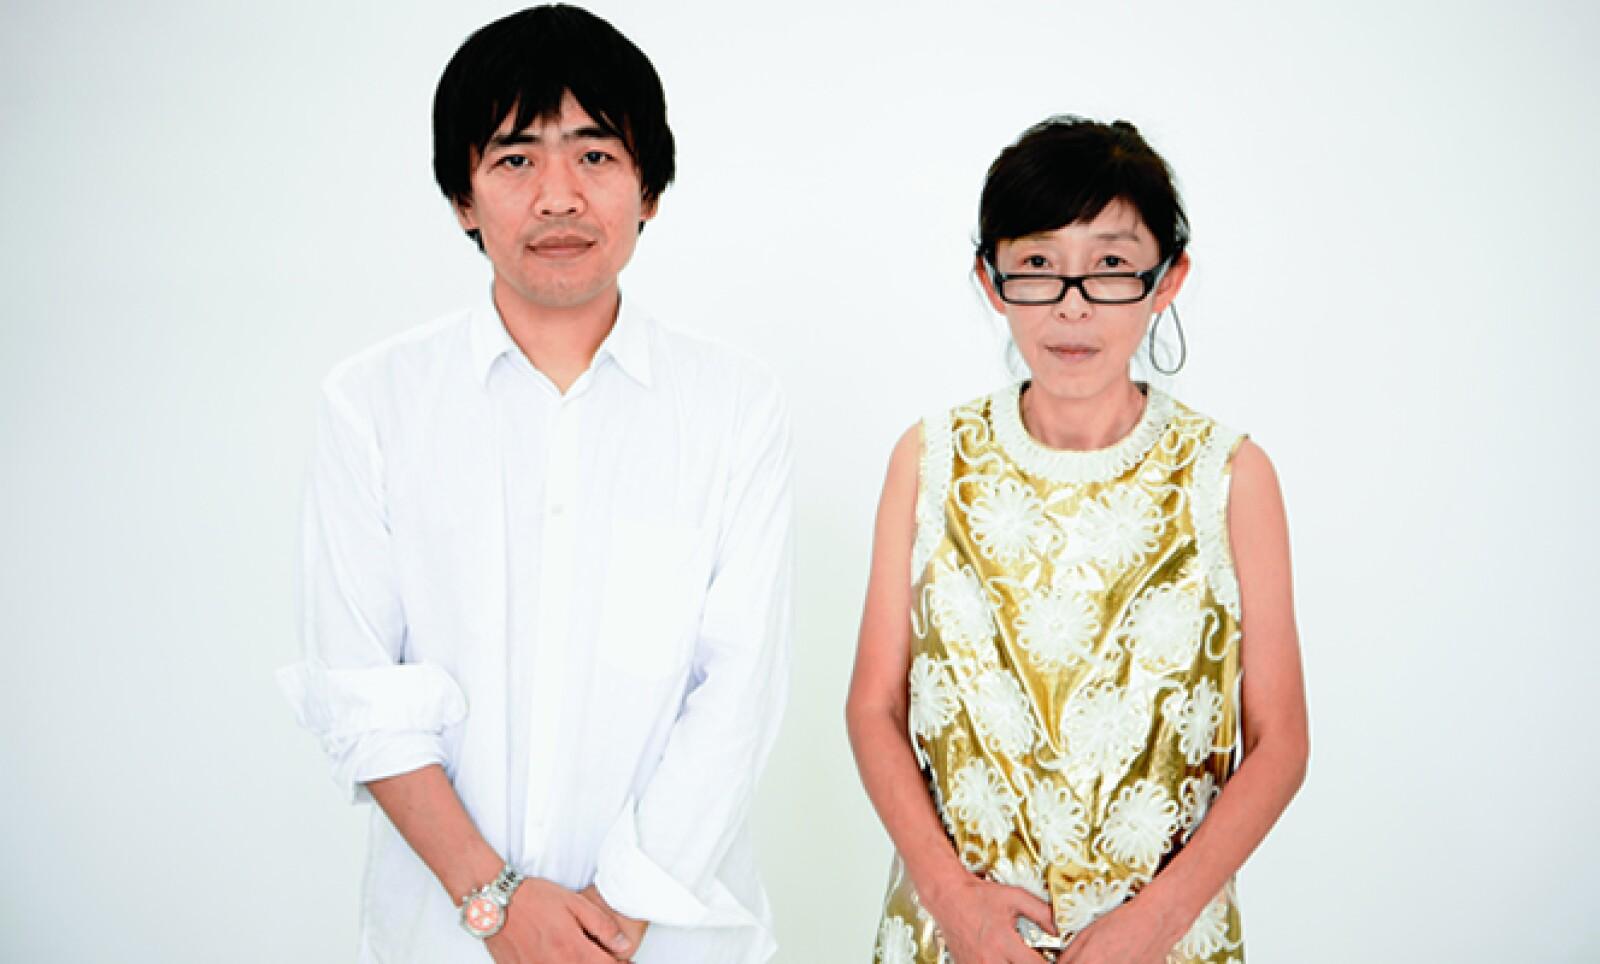 Ryue Nishizawa y Kazuyo Sejima integran el despacho de arquitectura japonés SANAA, ganador del premio Pritzker 2010. Su propuesta se basa en la transparencia.